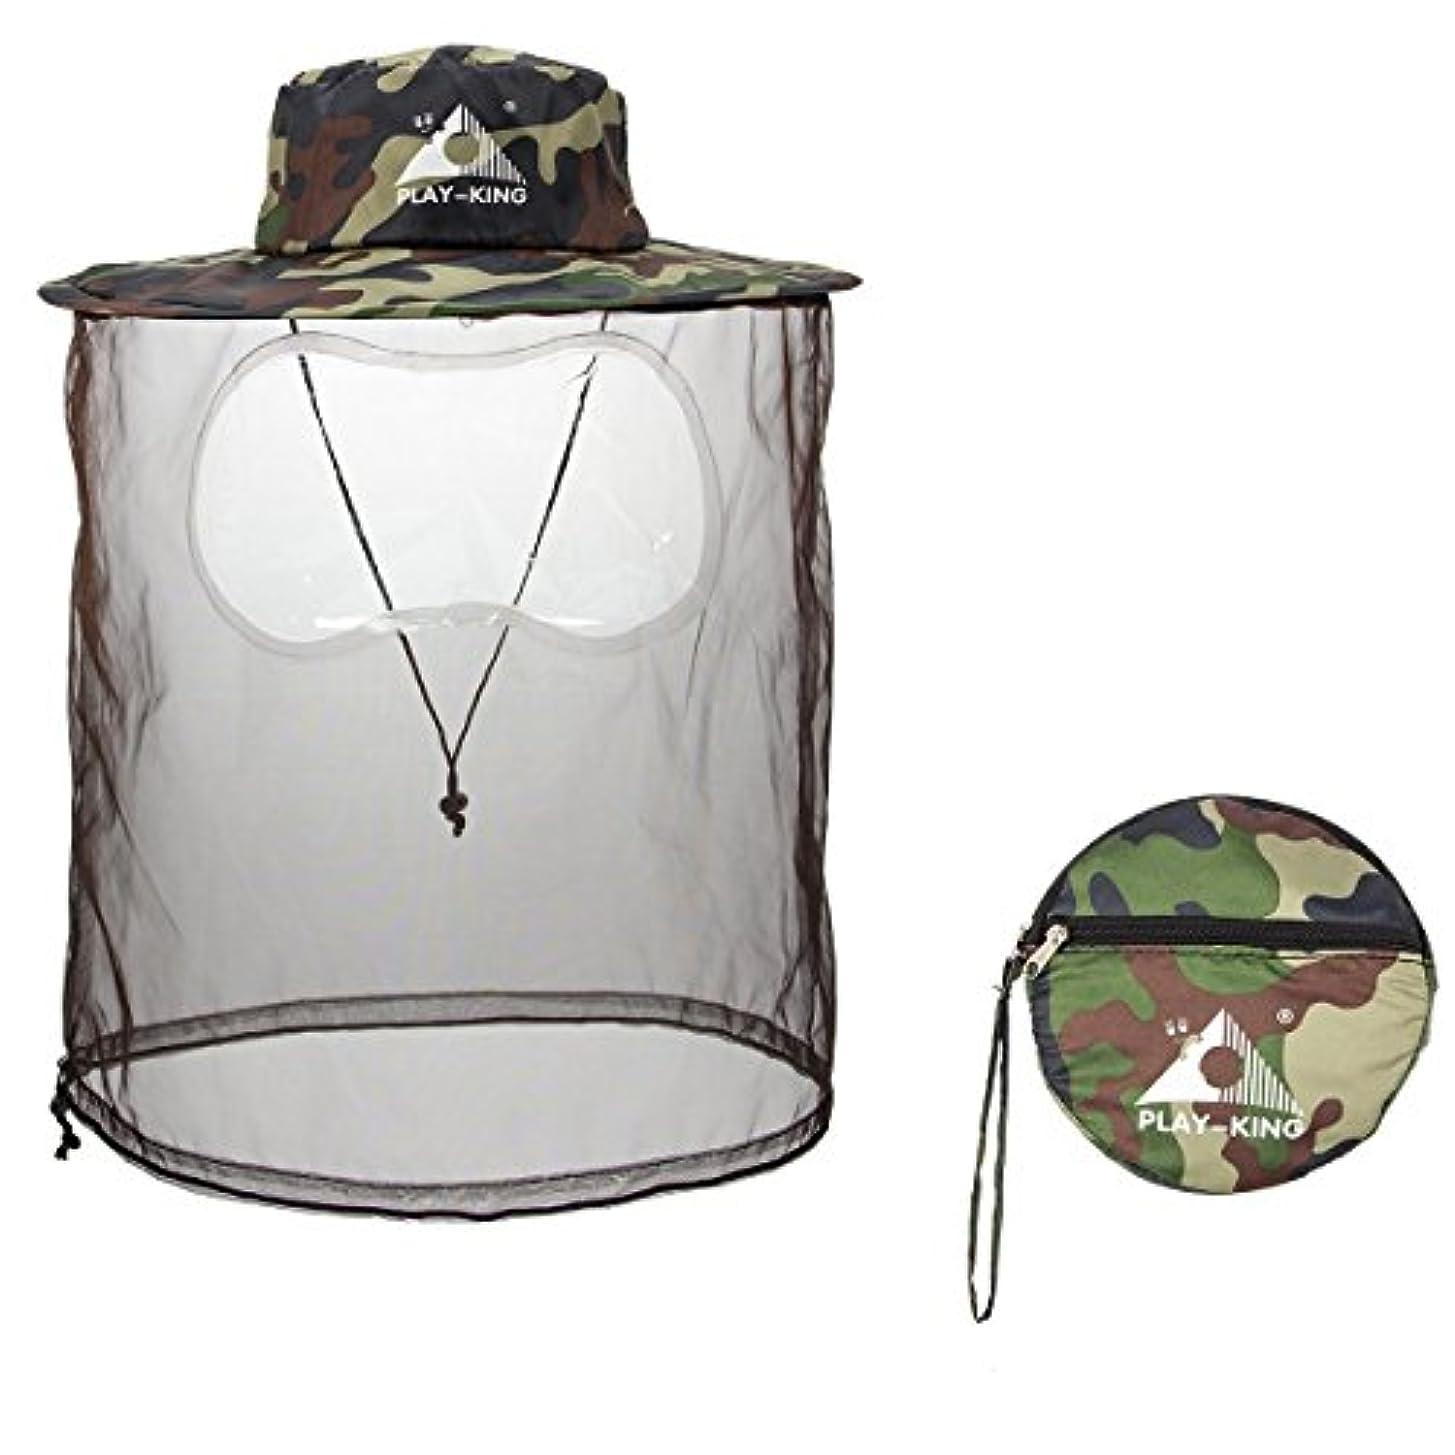 模倣反発ご注意Mosquito Head Net帽子メンズとレディースサンハットメッシュ面首から保護マスク昆虫バグBee GnatsバケットBoonie帽子キャップ釣りハイキングガーデニング間引き養蜂